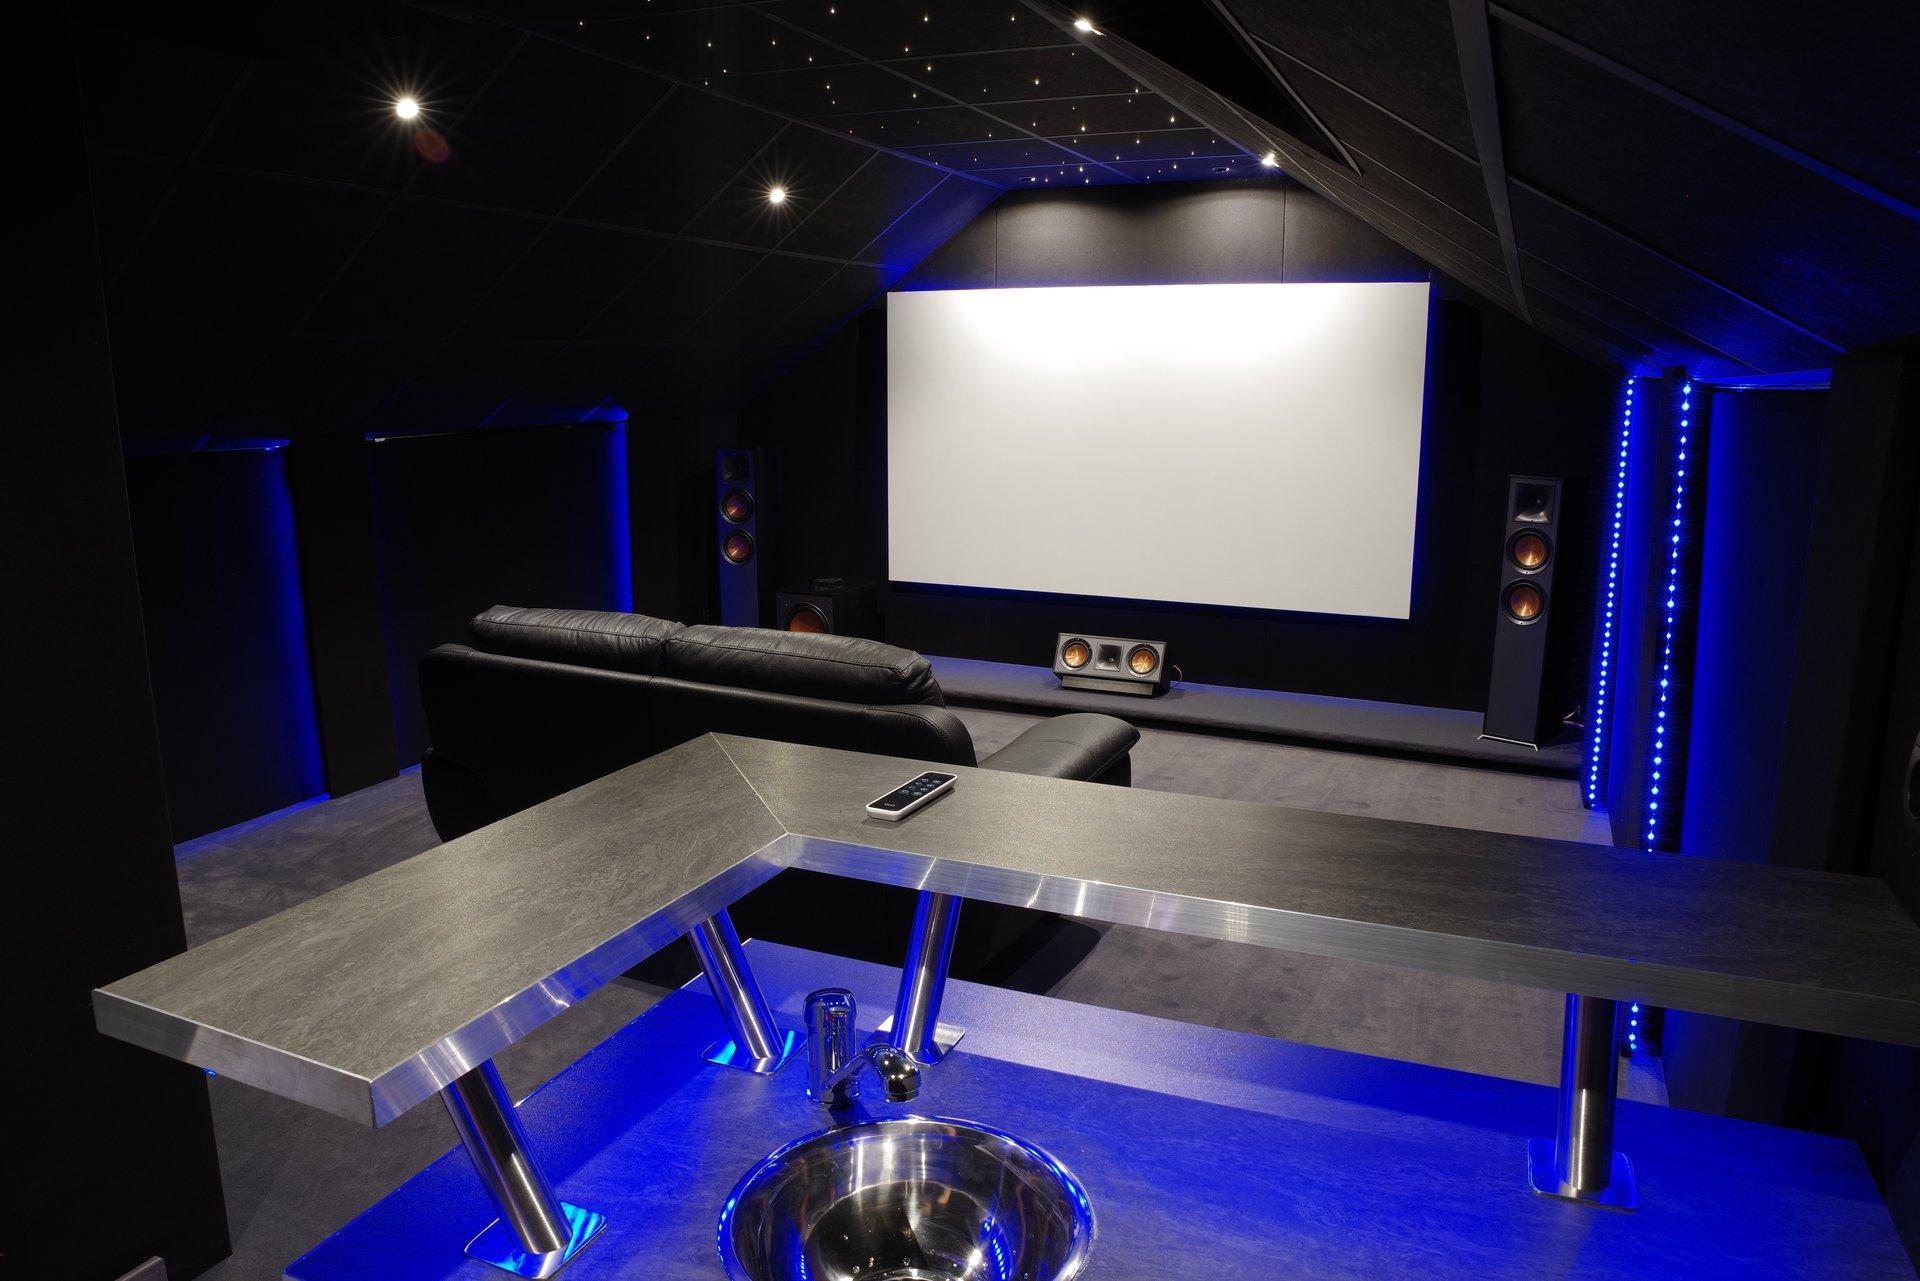 Une Salle De Cinema Chez Soi Des 24 900